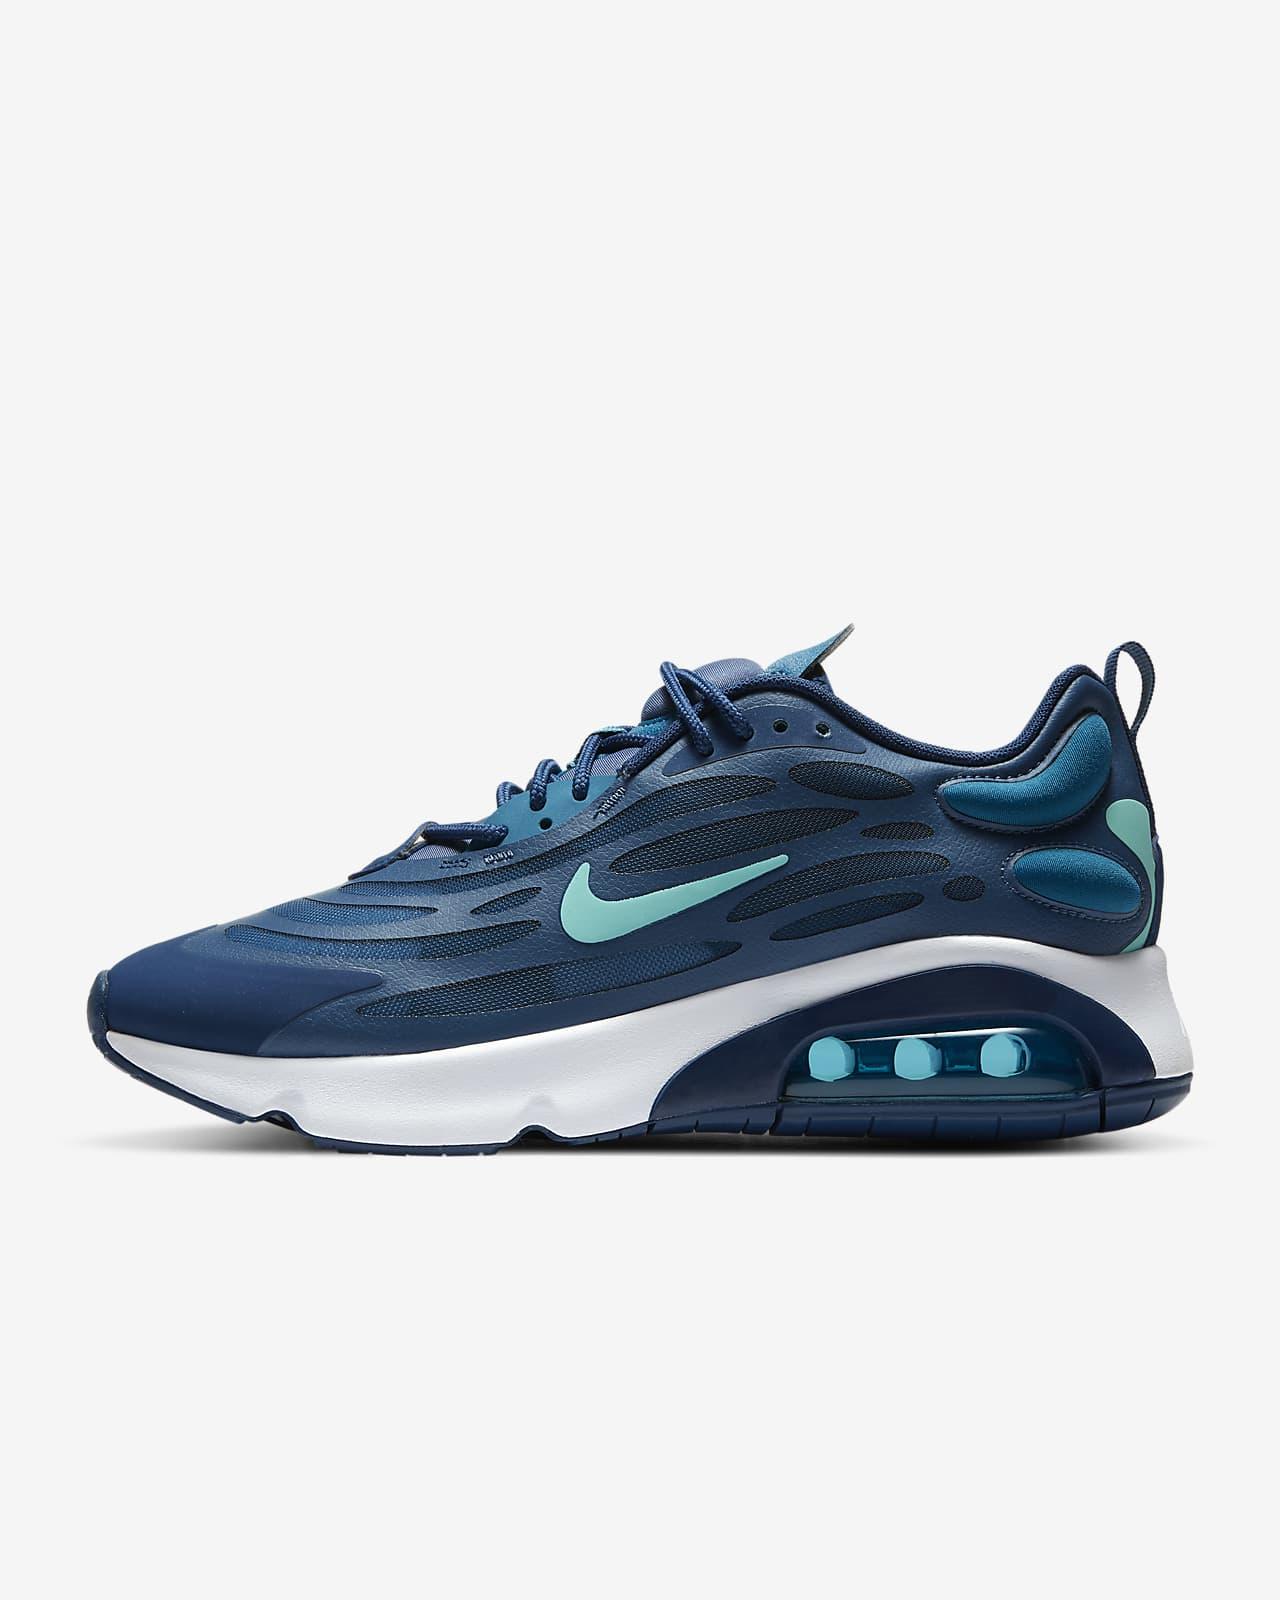 chaussure homme nike air max bleu